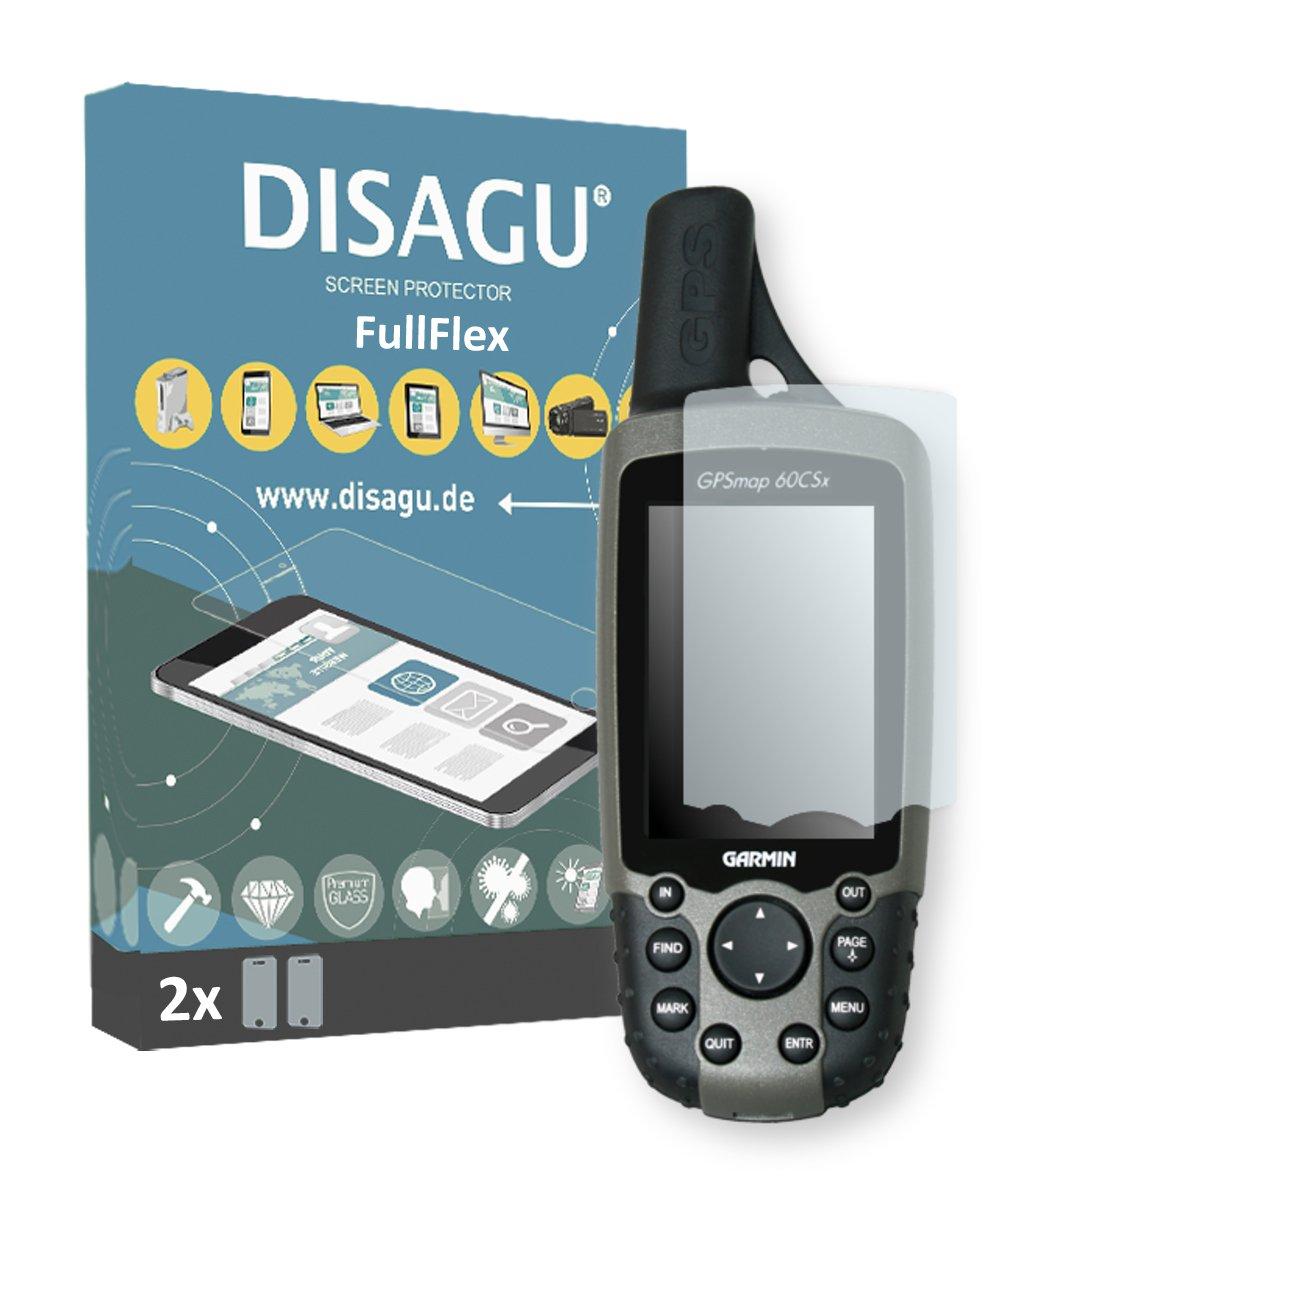 DISAGU Garmin GPSMAP 60 CSX Film de Protection d\'écran - $Foil_anz x FullFlex Film de Protection pour Garmin GPSMAP 60 CSX